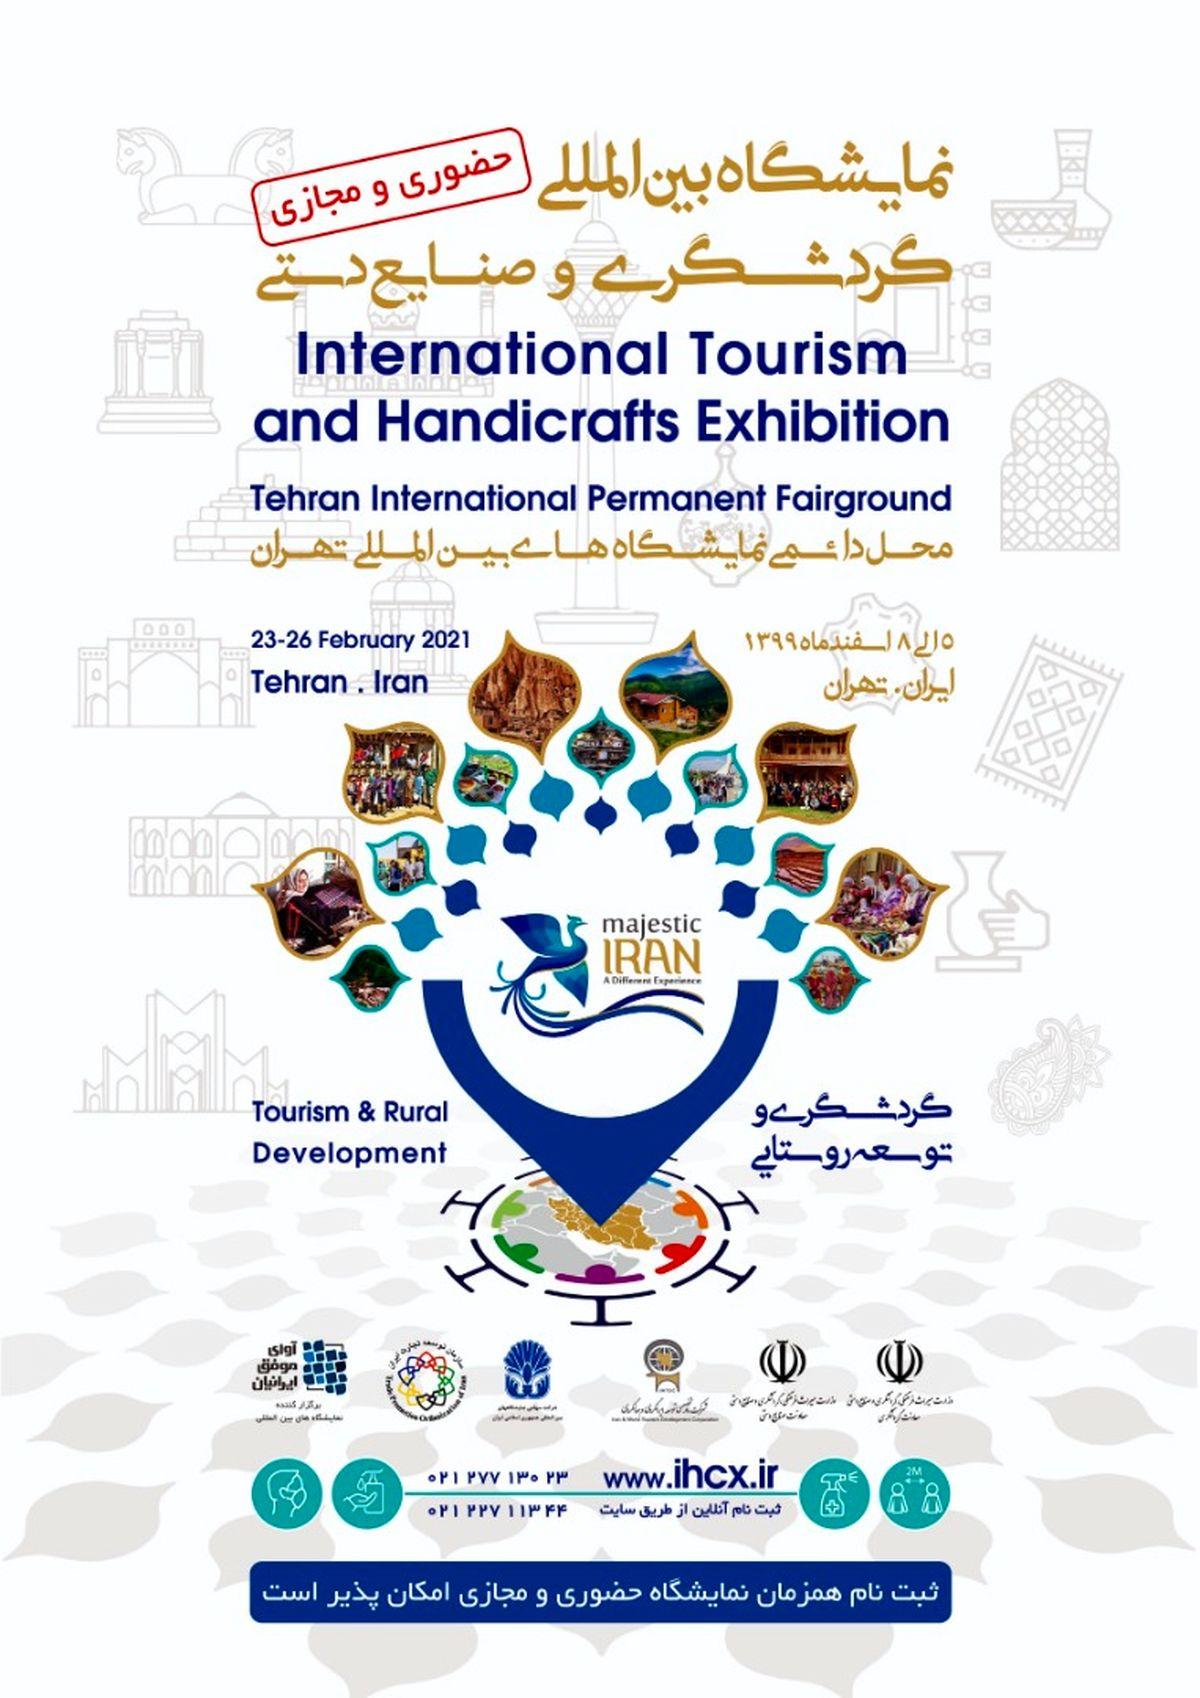 فراخوان شرکت در نمایشگاه بین المللی گردشگری و صنایع دستی